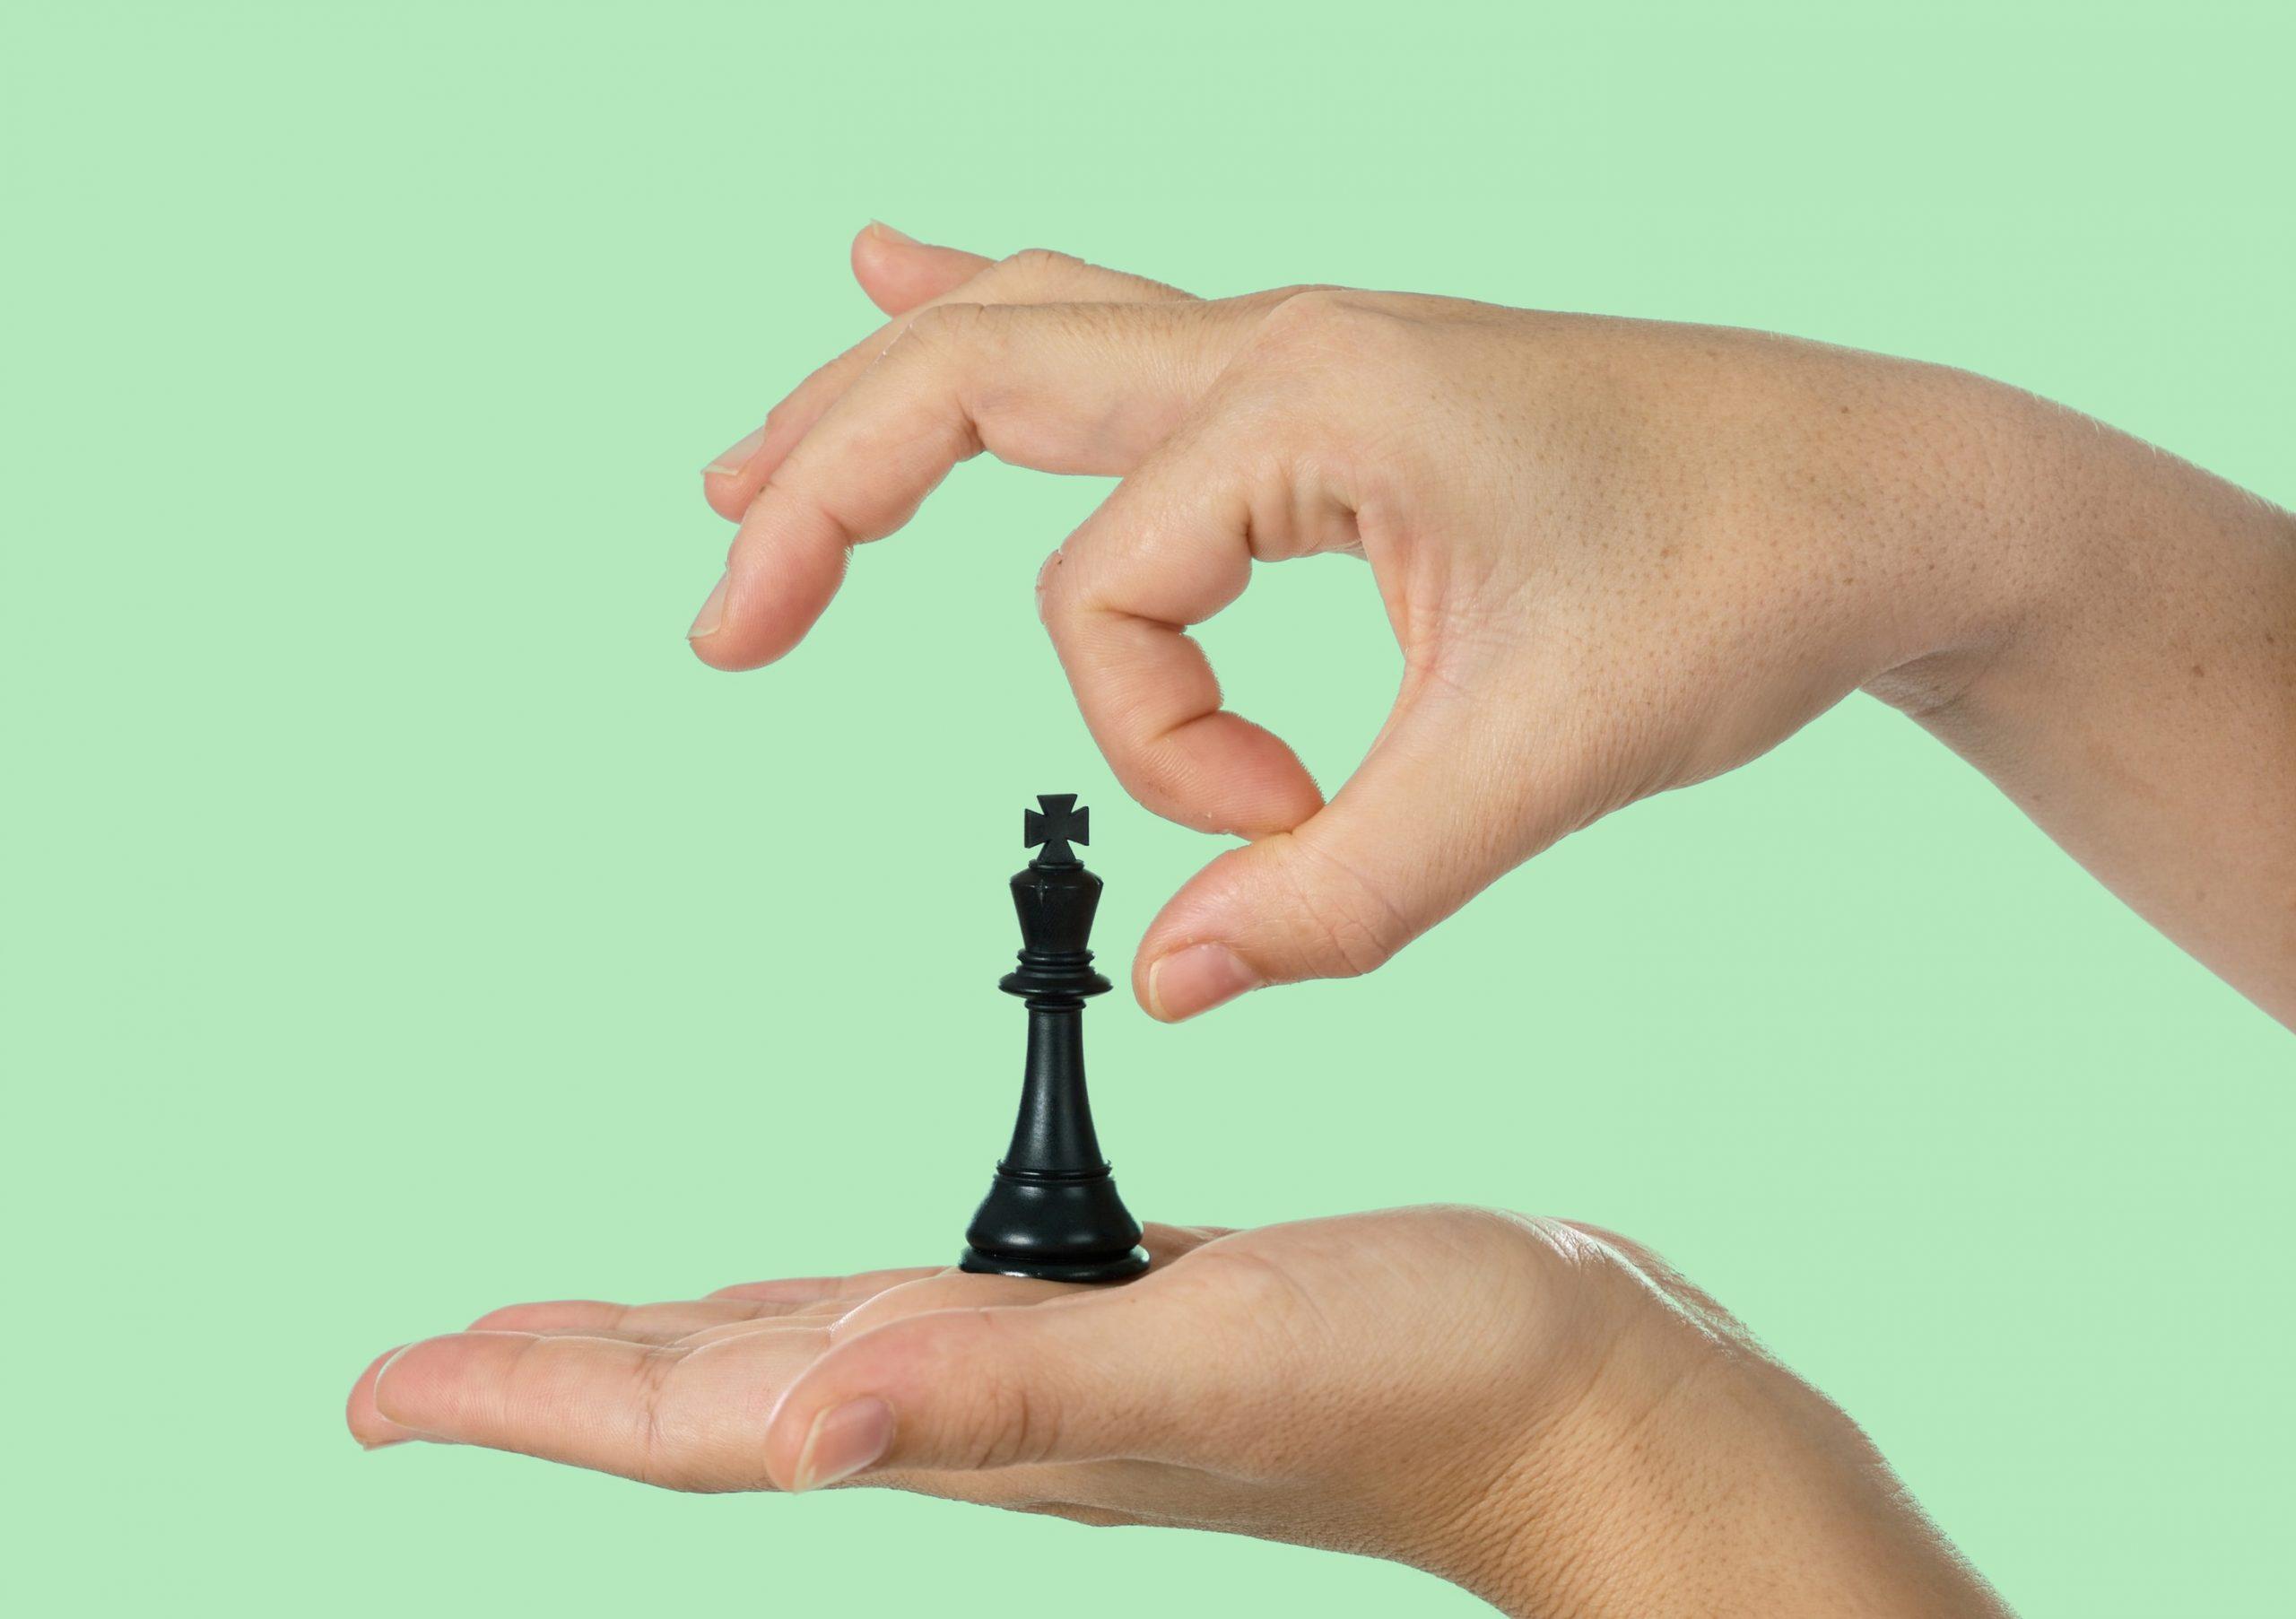 Eine Flache hand hält eine Schachfigur, die in Begriff ist, von einer anderen Hand weggeschnippst zu werden